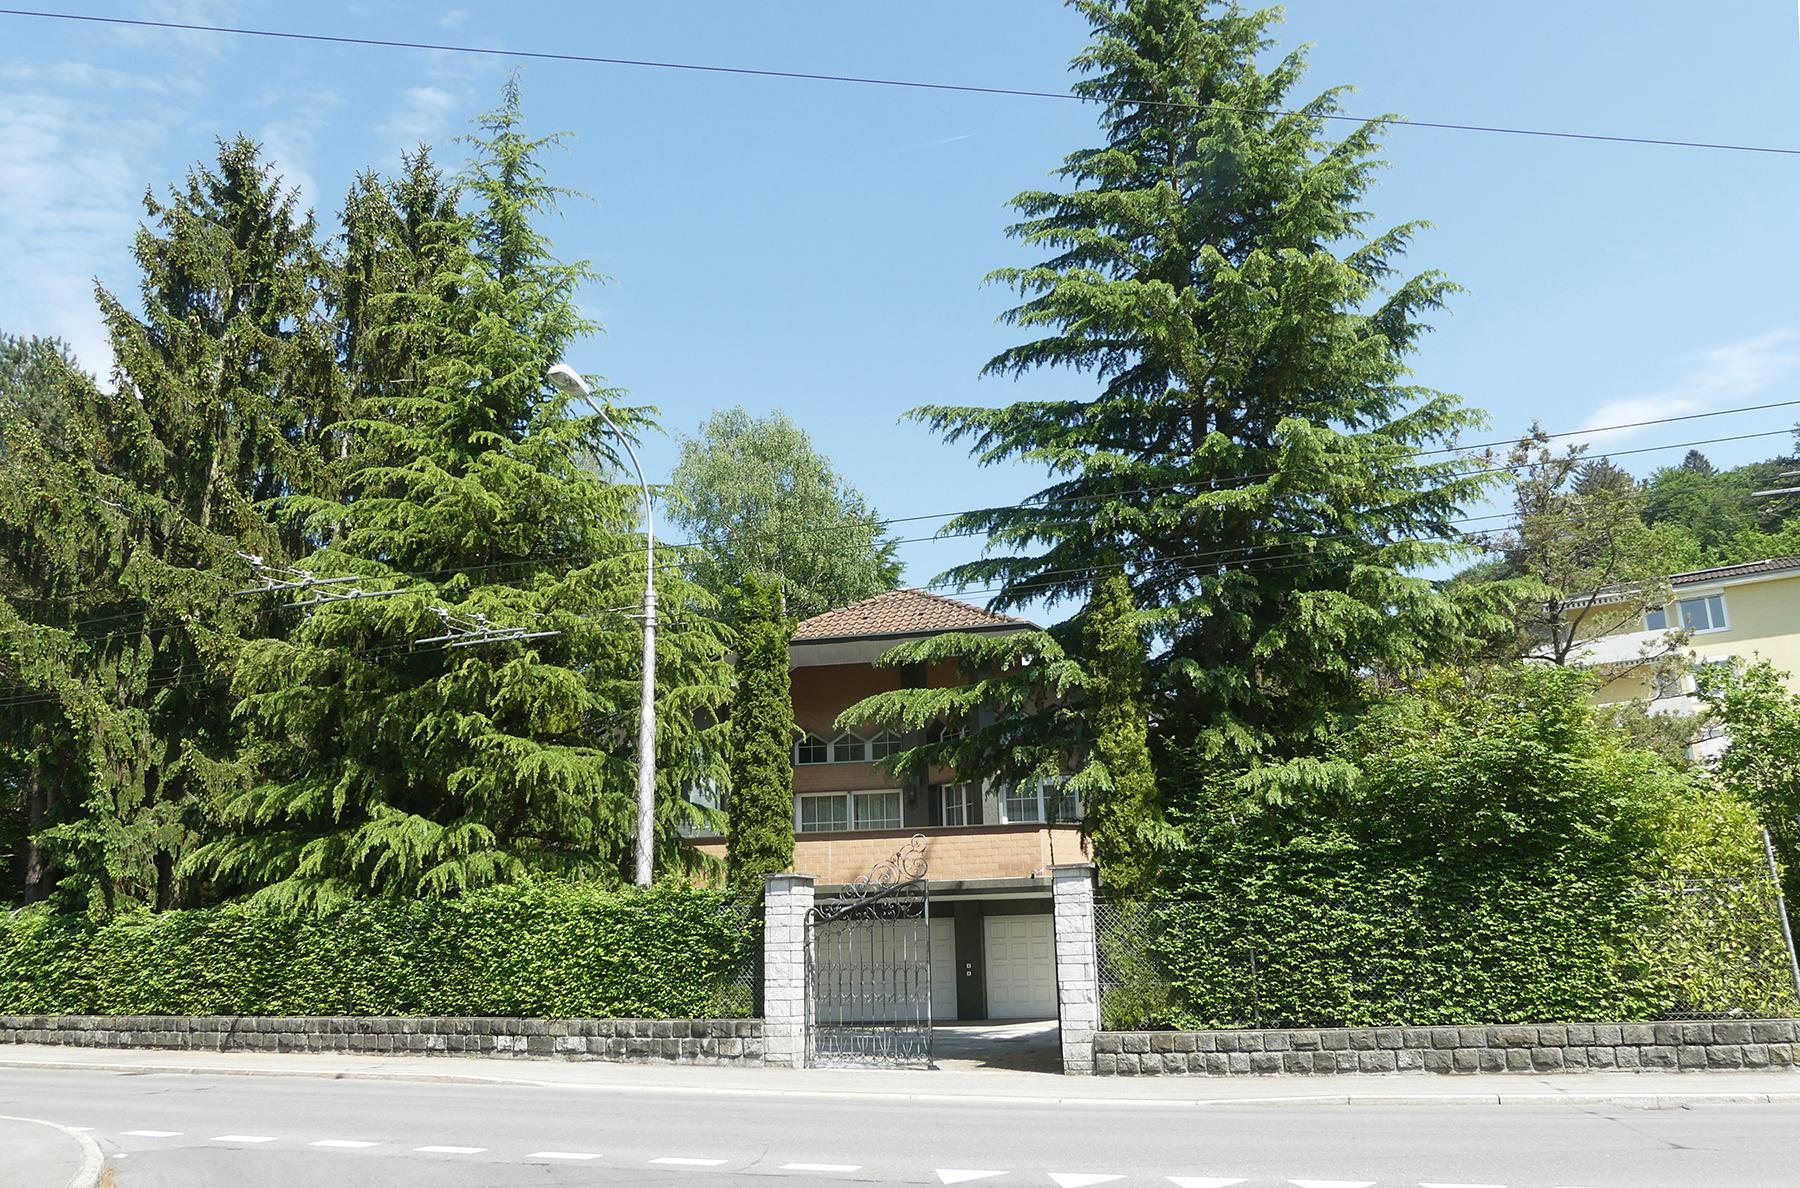 Nach wie vor von hohen Tannen, Gebüschen und einem Zaun umgeben: Die Liegenschaft an der Sternmattstrasse 68.